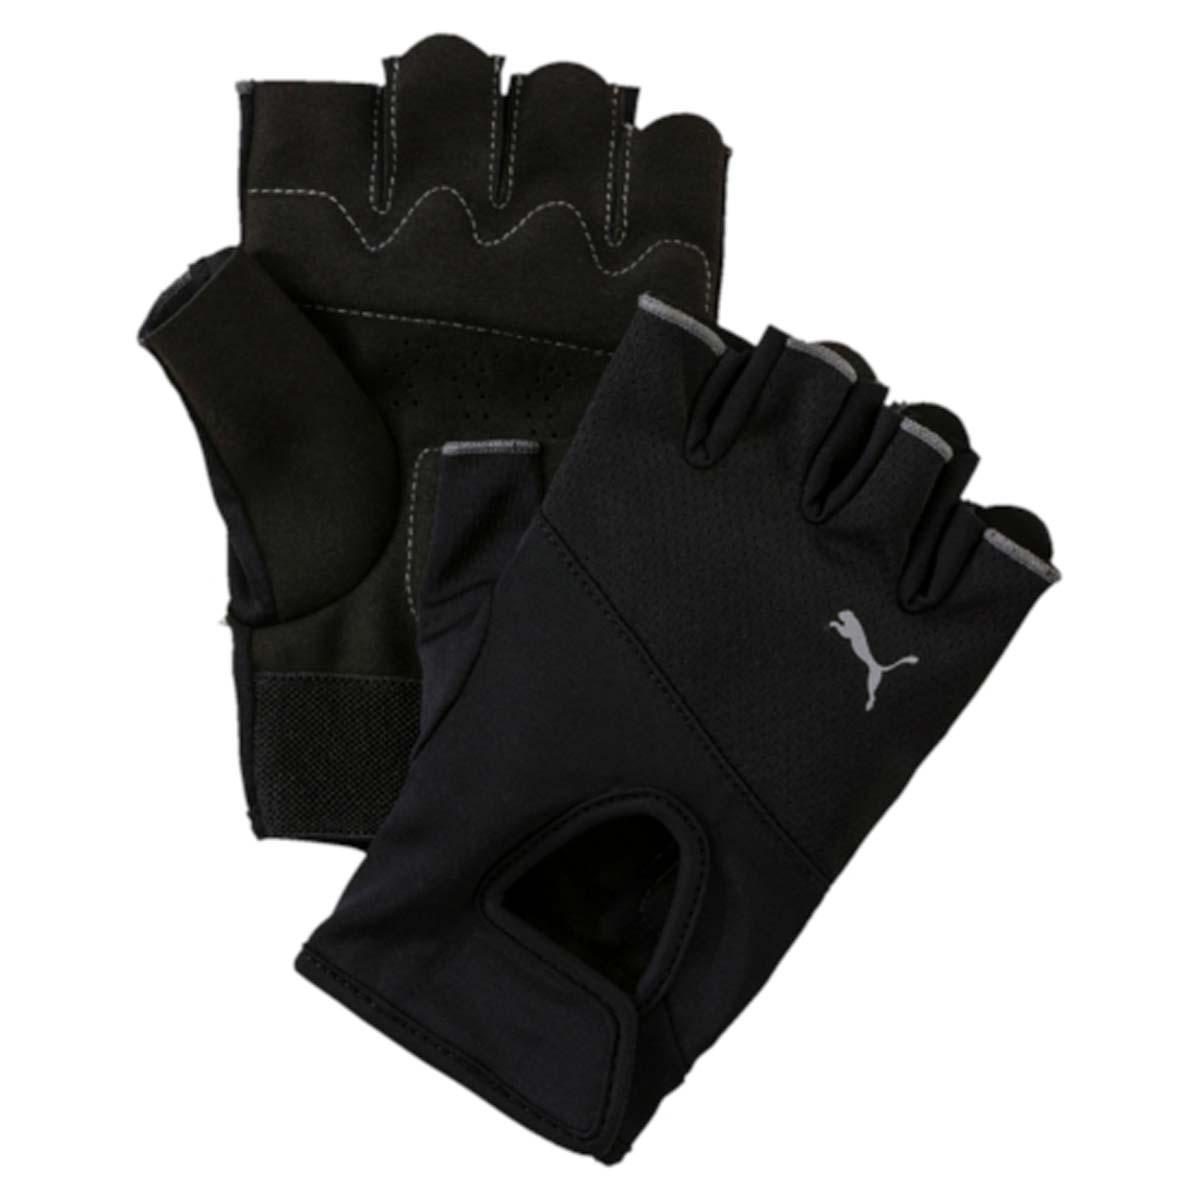 Перчатки для фитнеса Puma  Tr Gloves , цвет: черный. 04129501. Размер M (9) - Одежда, экипировка